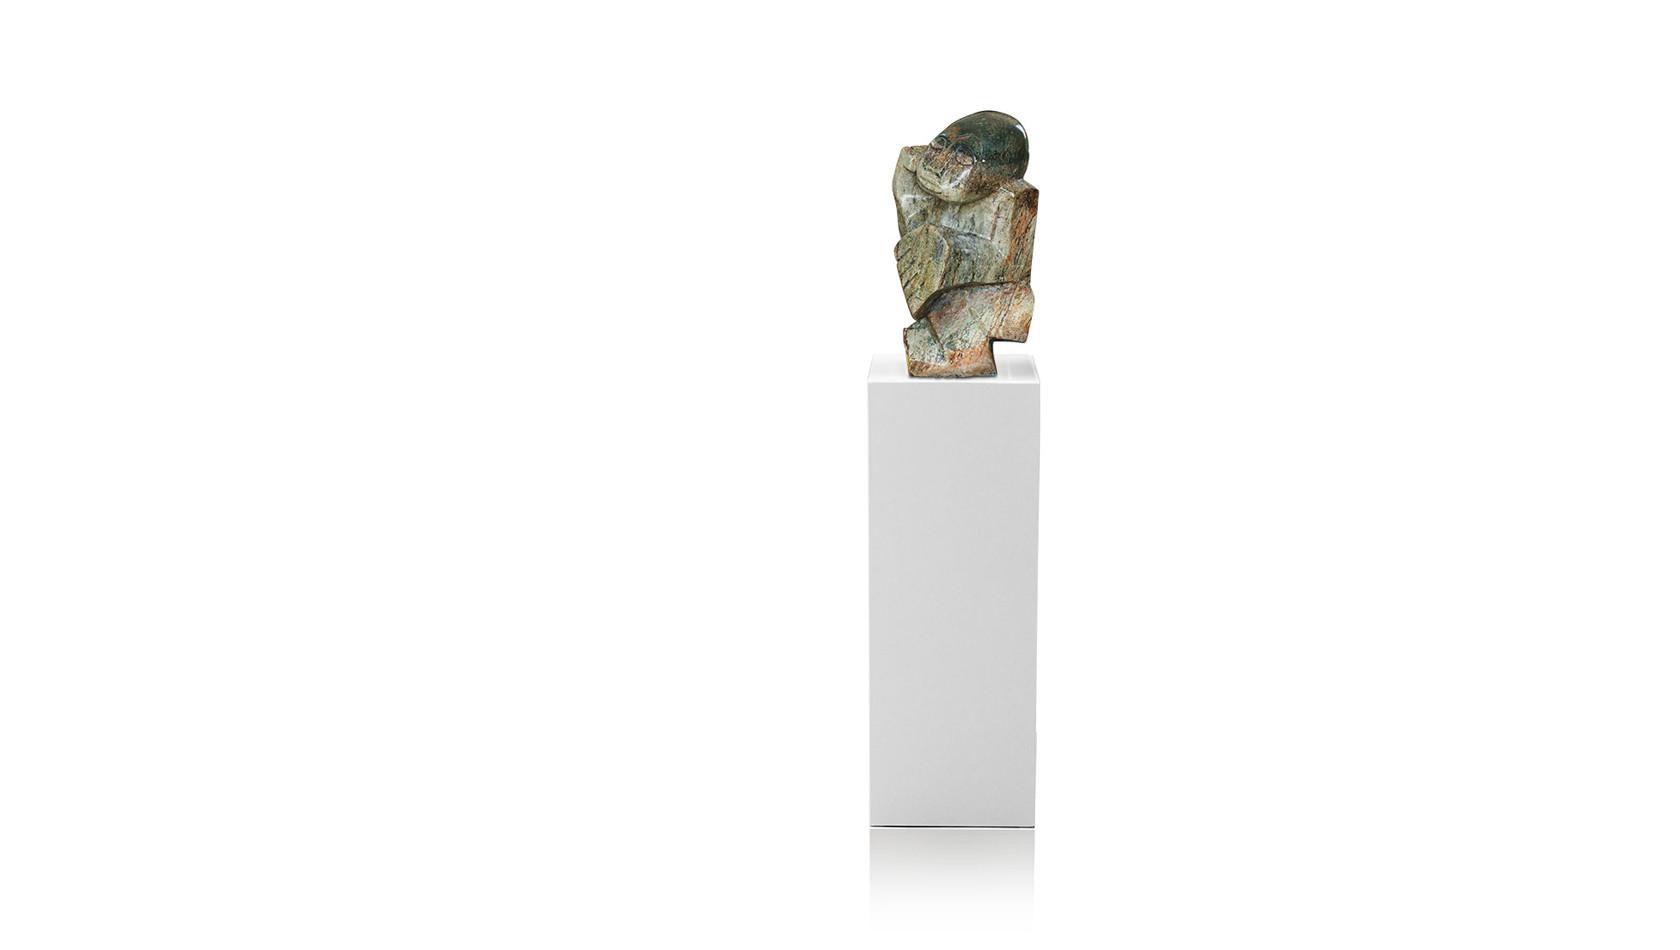 """Shona Art Stein Skulptur """"Der Dichter"""" handgefertigt aus Fruit Serpentine. Unikat."""